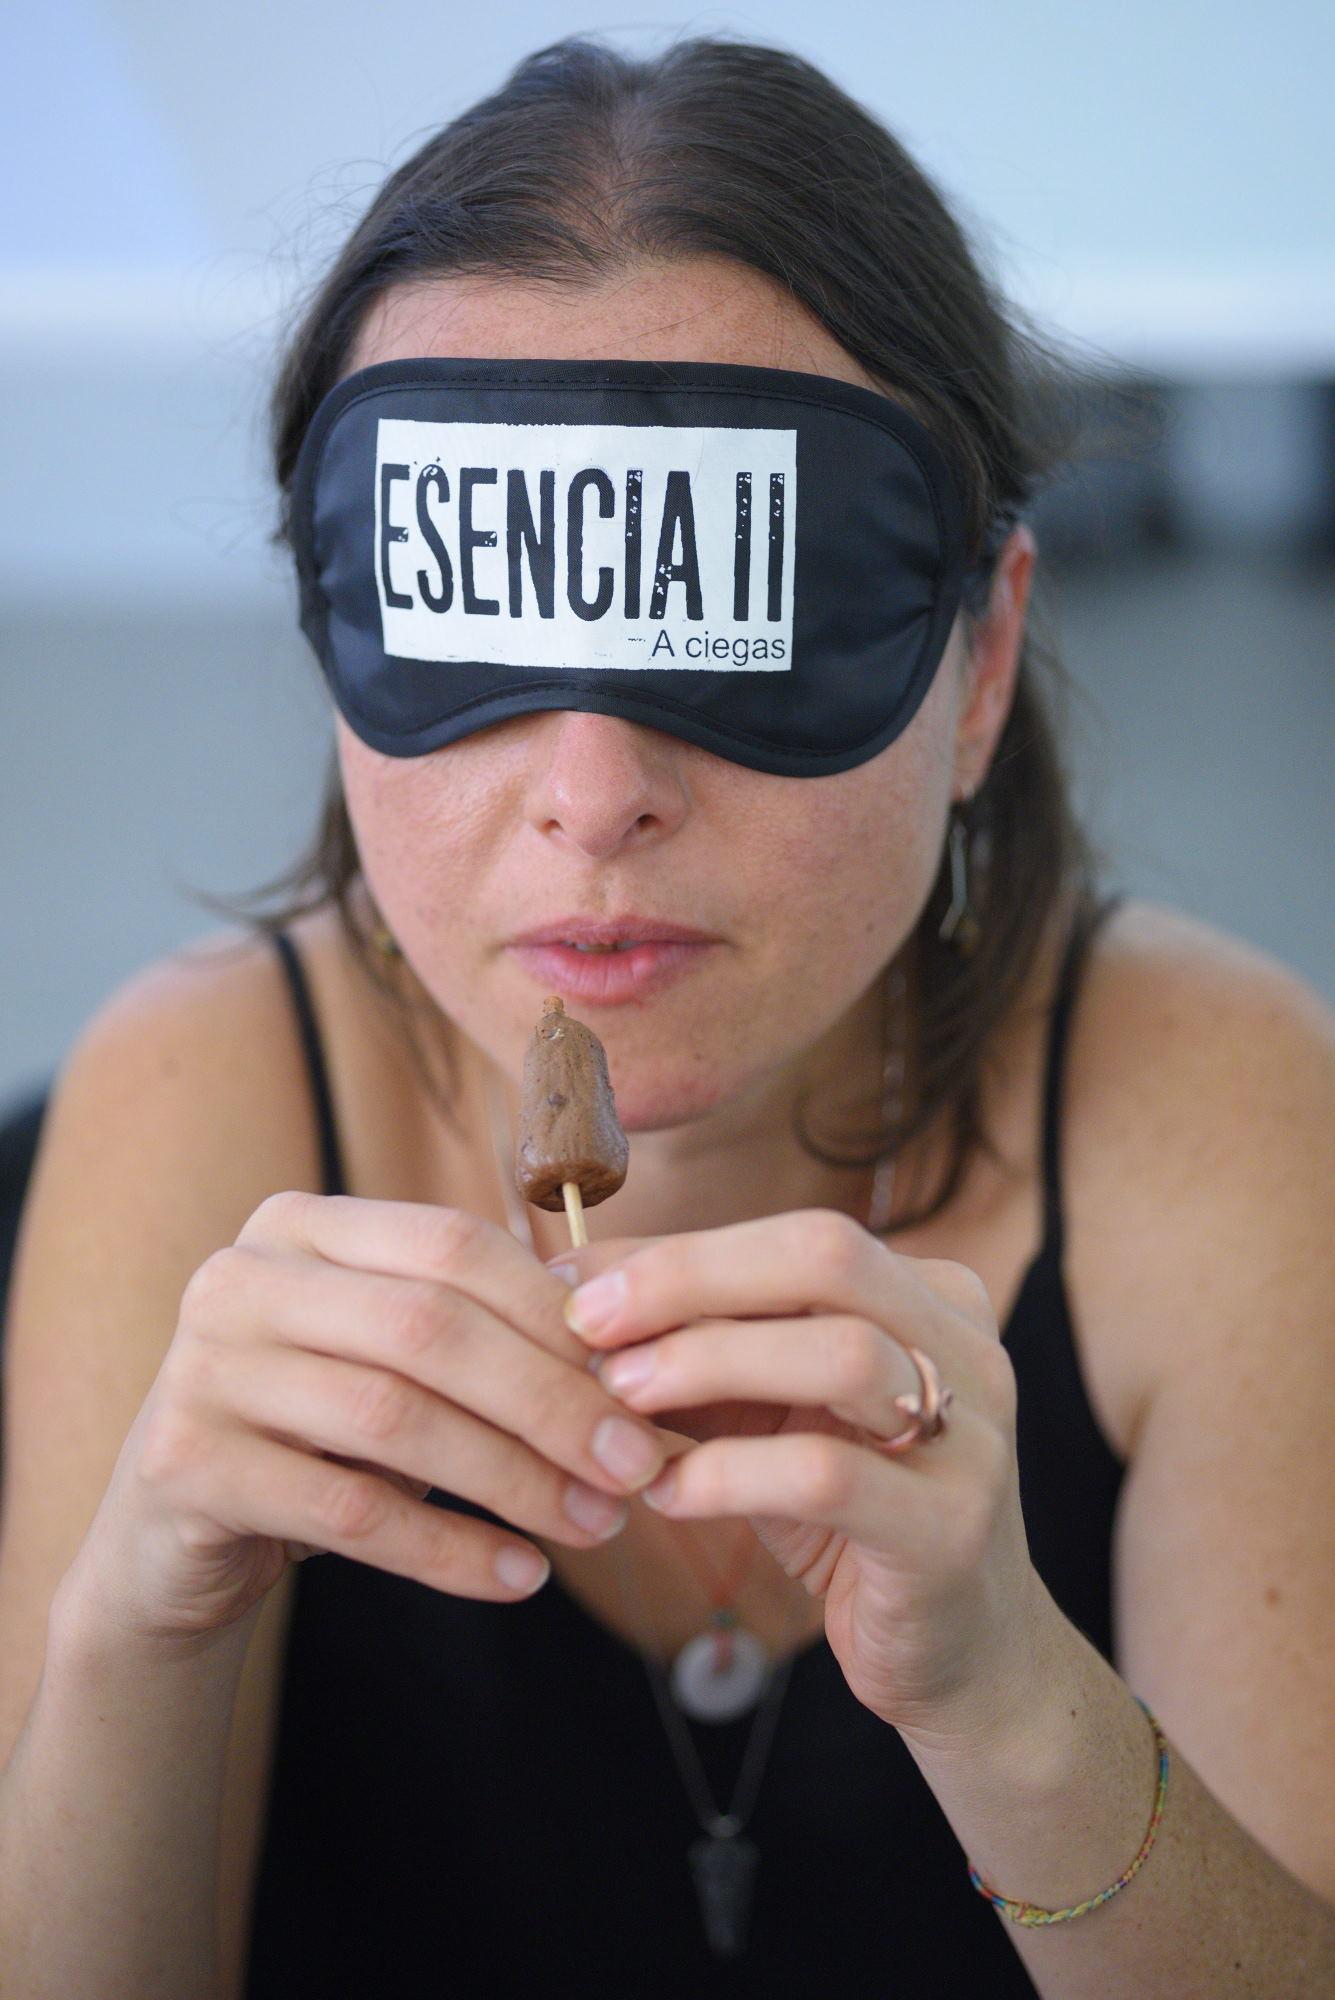 161109_esencia_128_aciegas